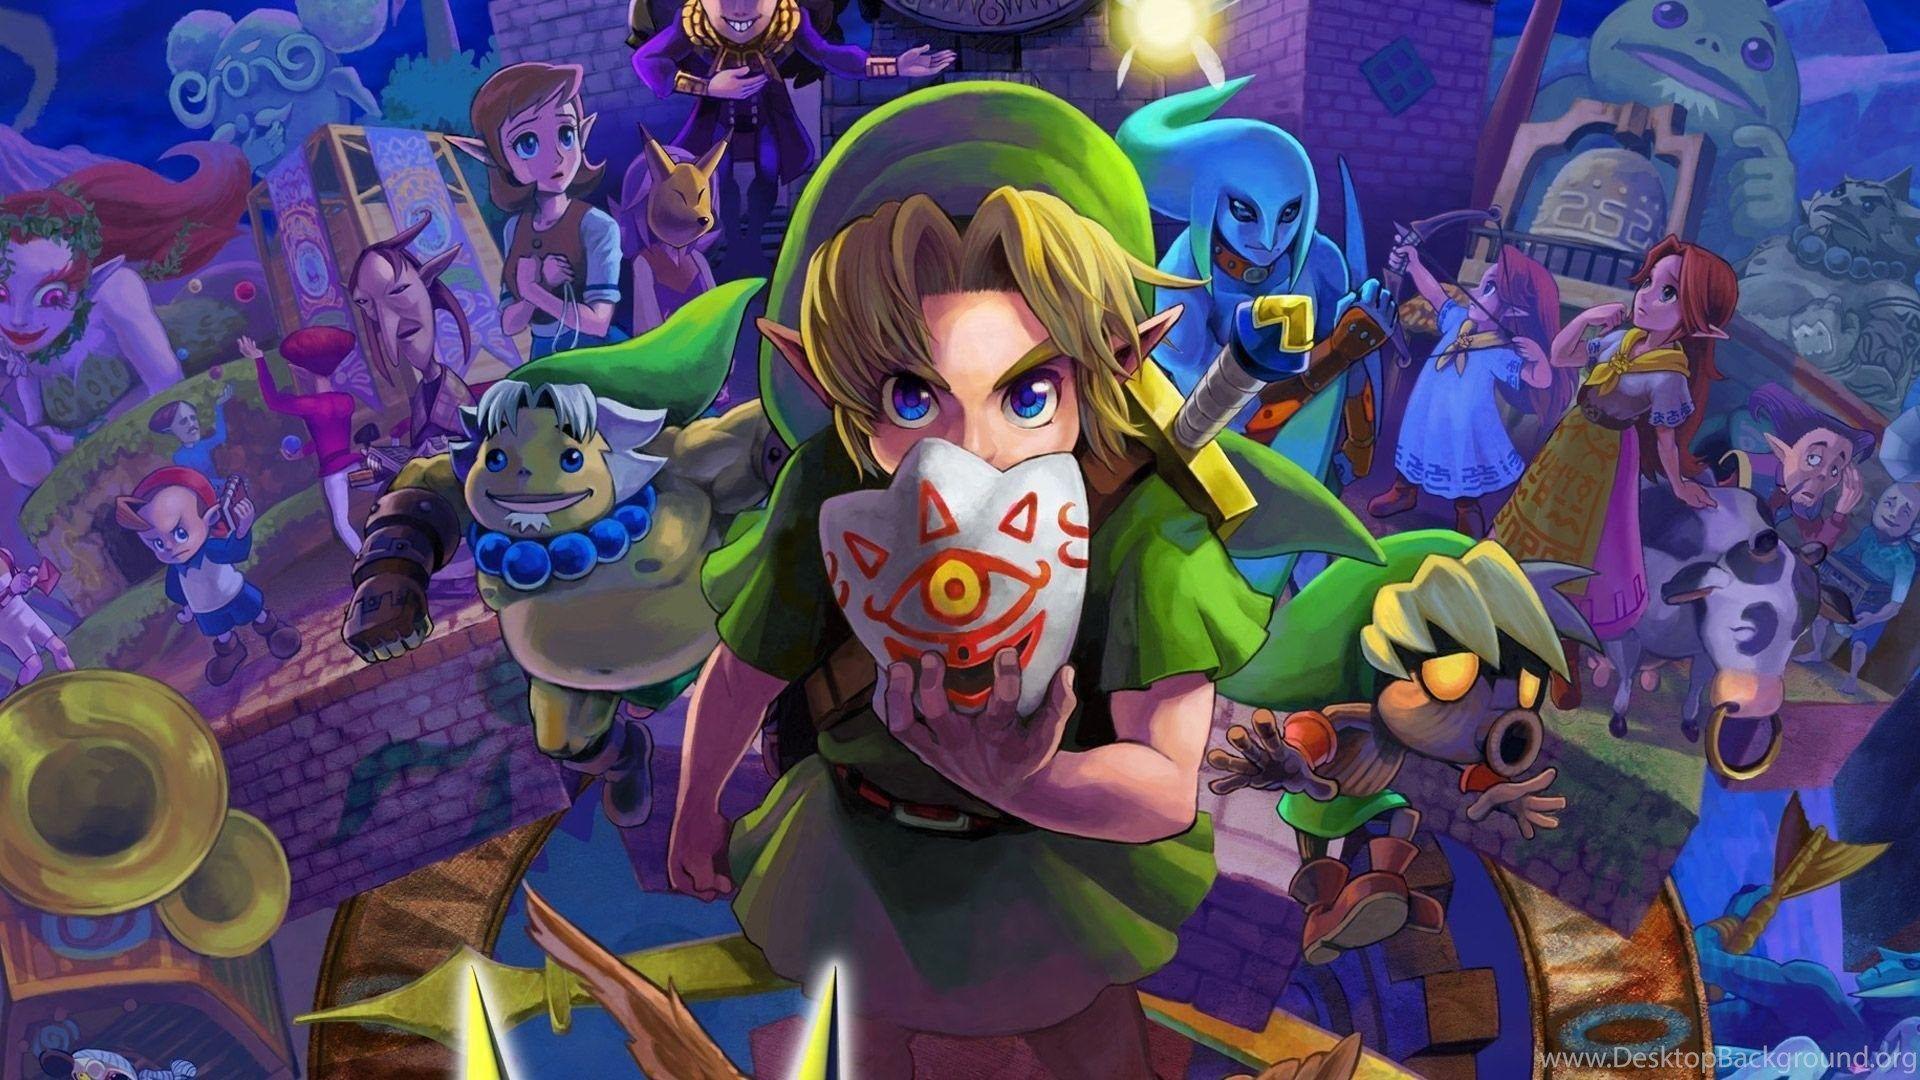 1920 X 1080 Legend Of Zelda Wallpapers Top Free 1920 X 1080